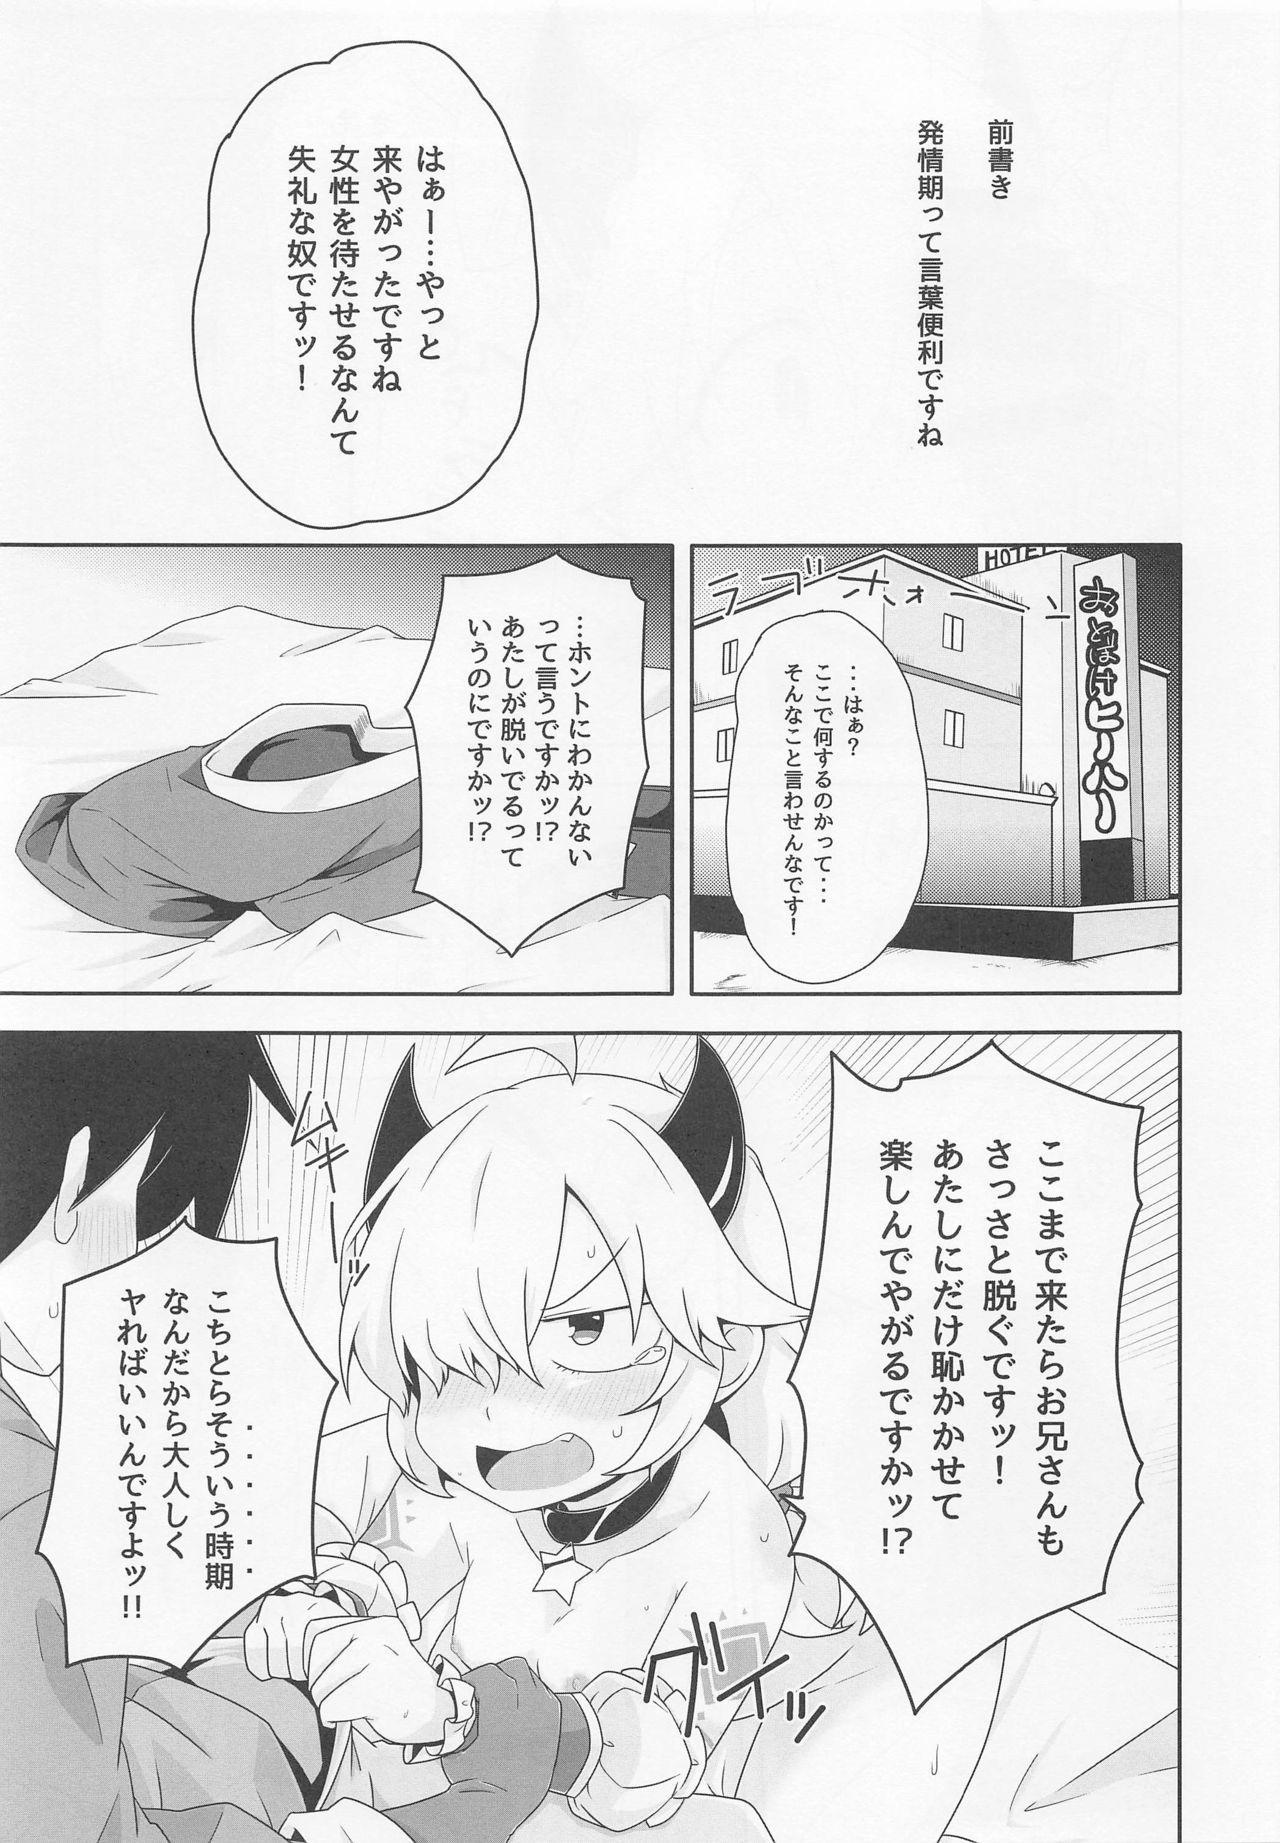 Dragon-zoku ni mo Hatsujouki ga Arimasu 1